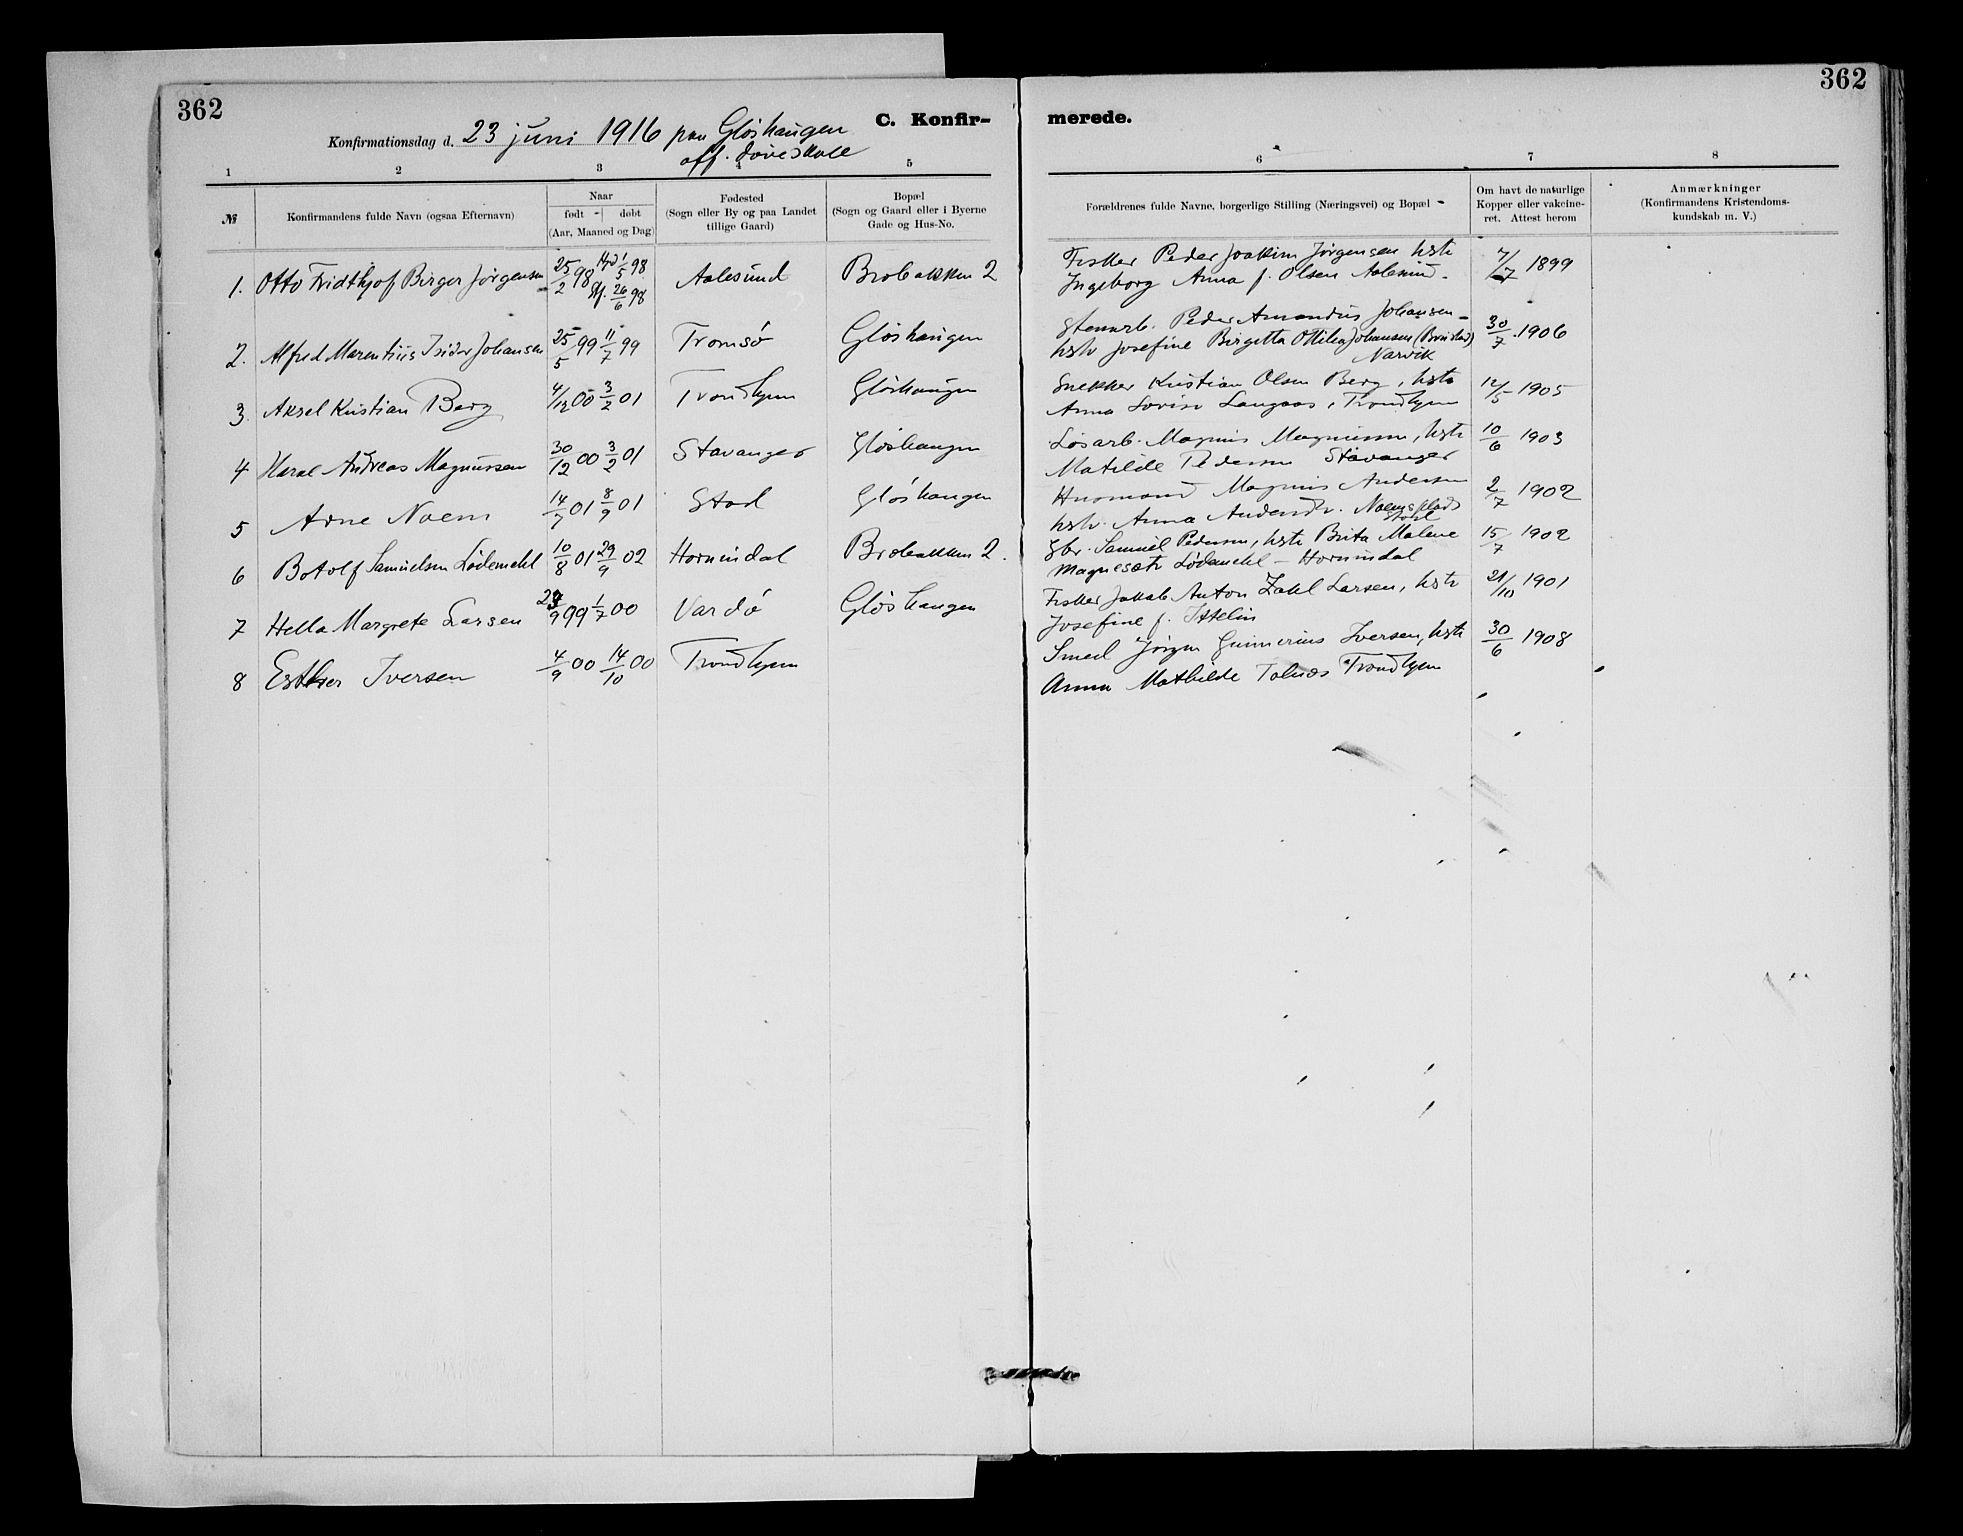 SAT, Ministerialprotokoller, klokkerbøker og fødselsregistre - Sør-Trøndelag, 604/L0203: Ministerialbok nr. 604A23, 1908-1916, s. 362